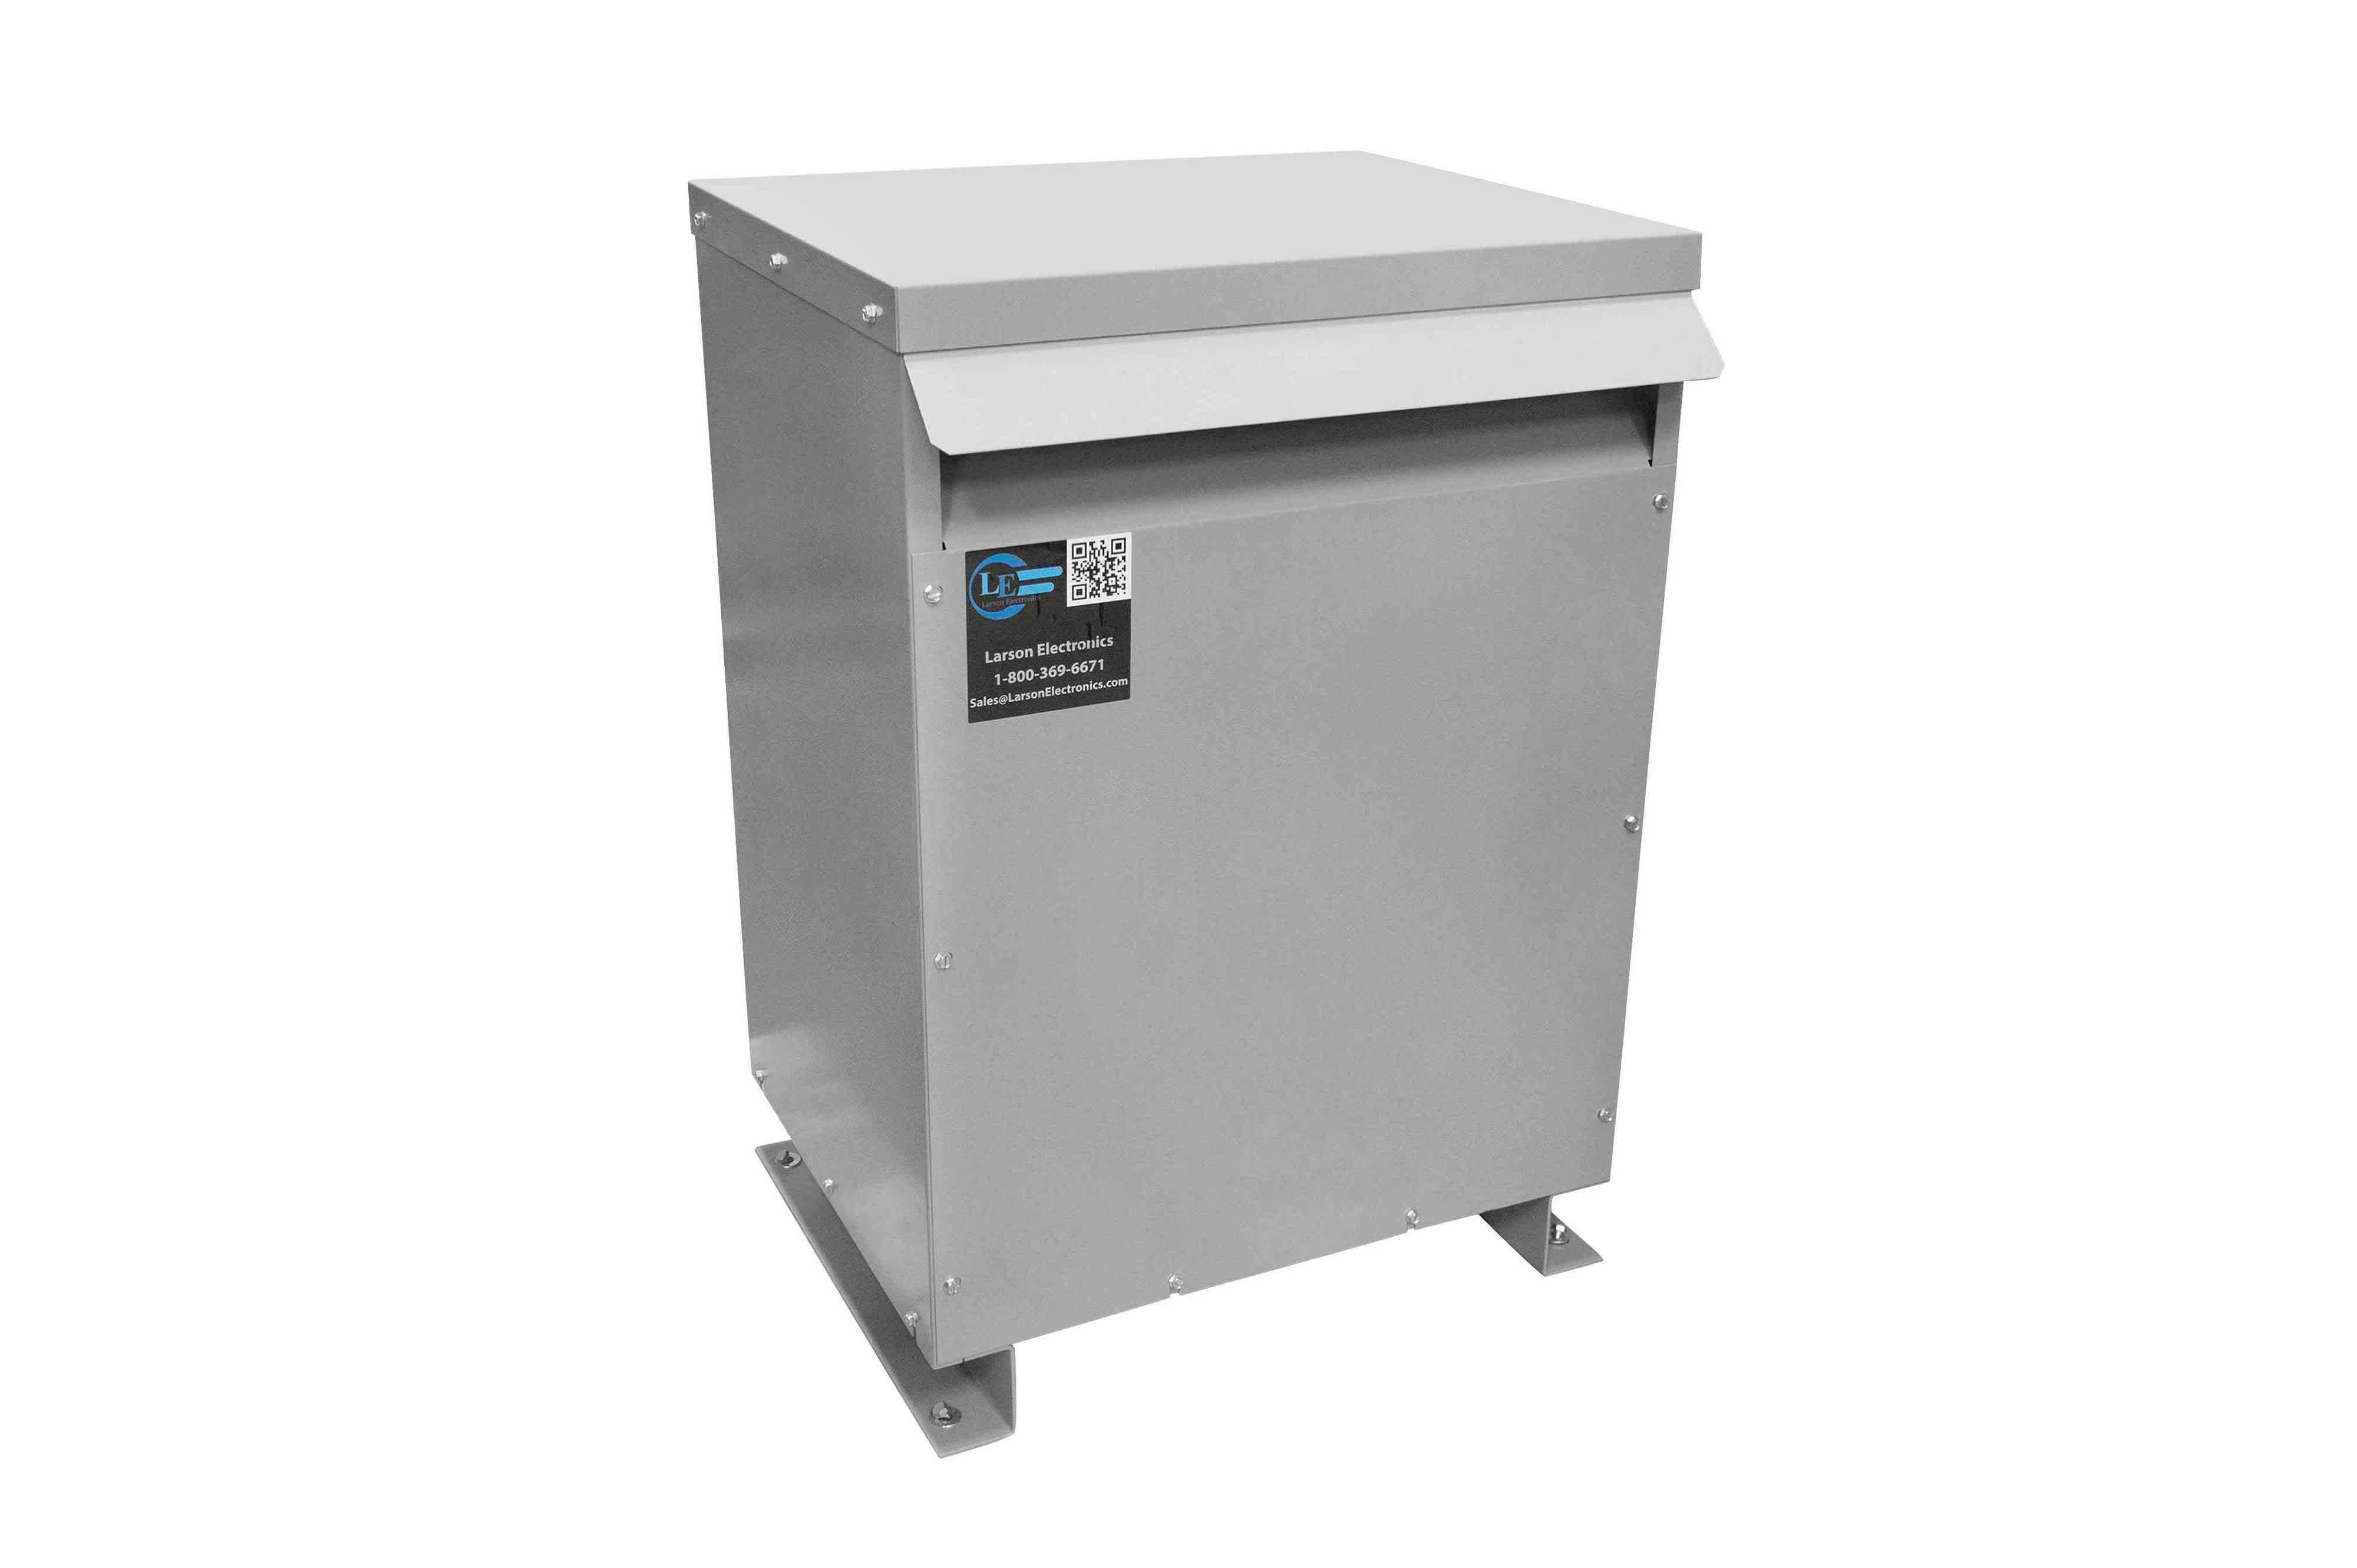 11 kVA 3PH Isolation Transformer, 208V Delta Primary, 208V Delta Secondary, N3R, Ventilated, 60 Hz